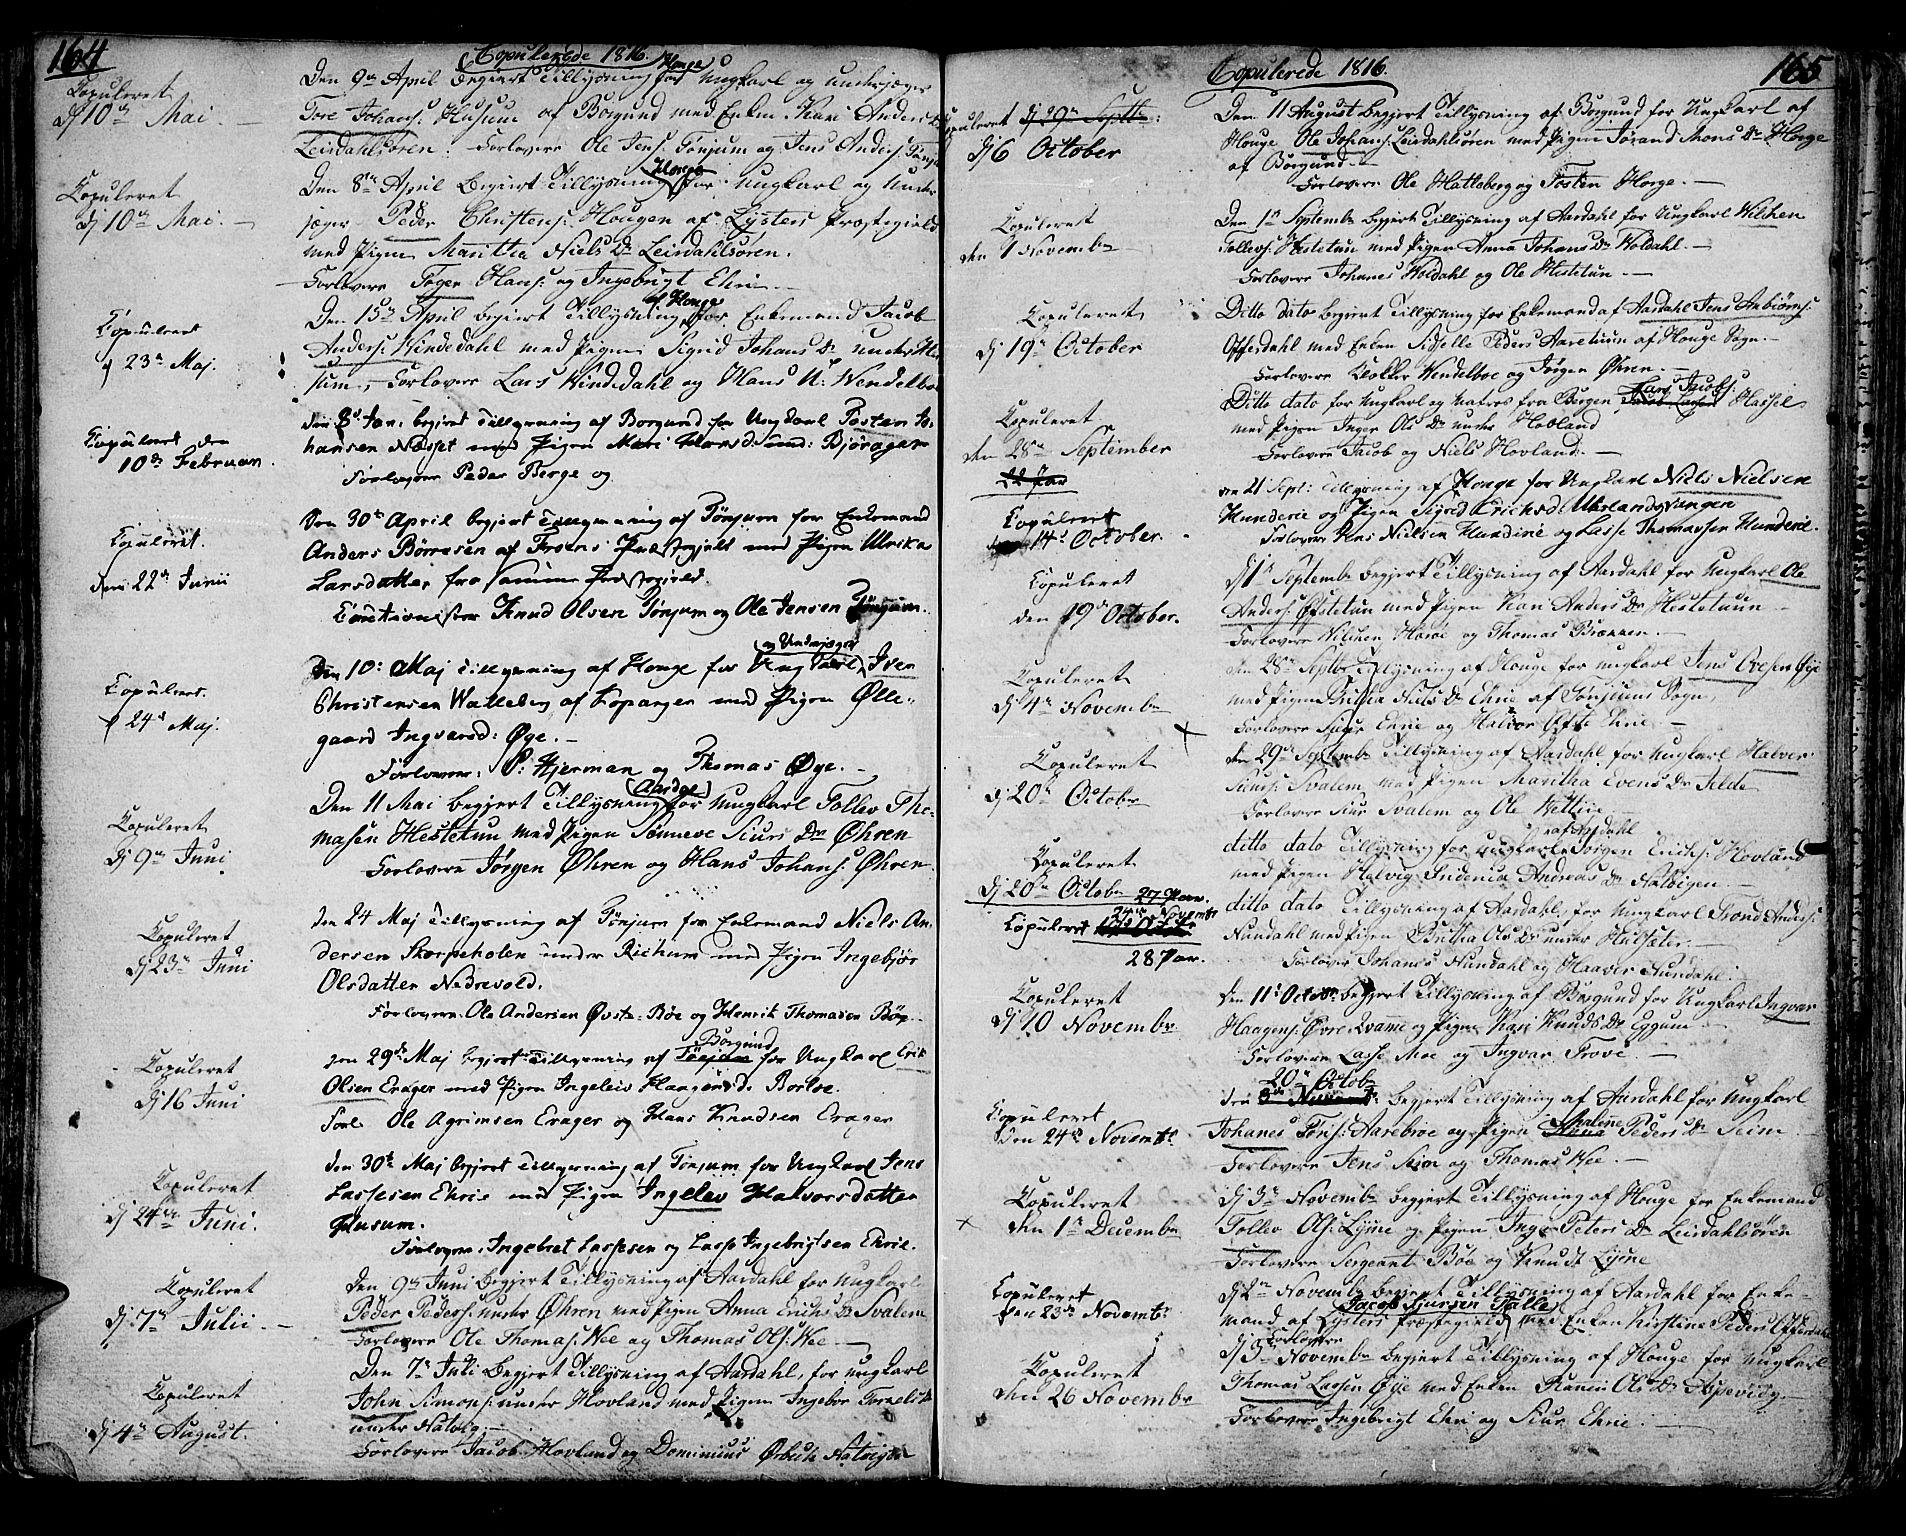 SAB, Lærdal sokneprestembete, Ministerialbok nr. A 4, 1805-1821, s. 164-165